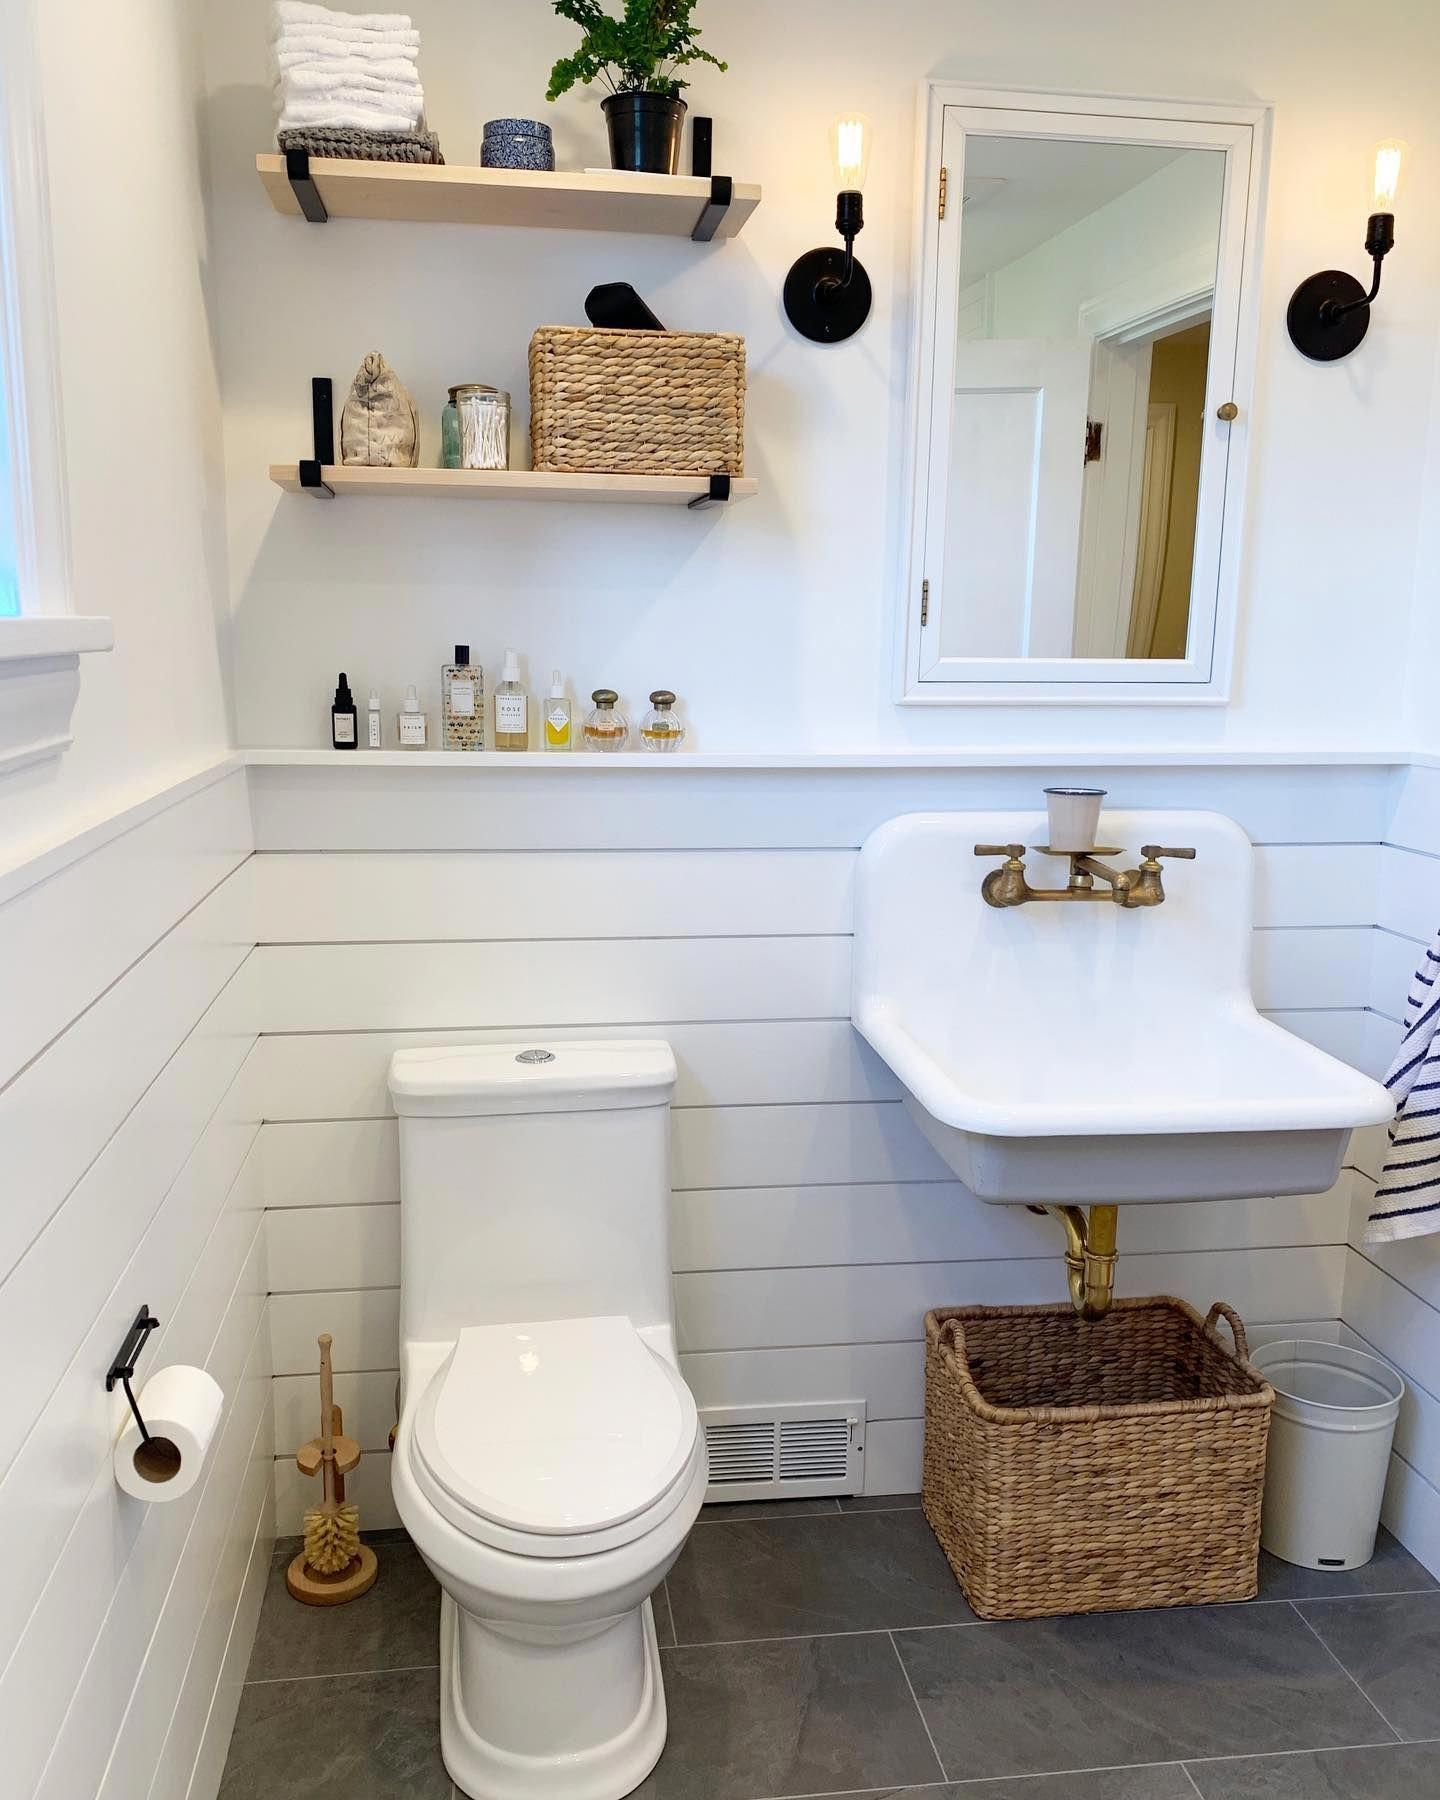 24 Inch Cast Iron High Back Farm Sink In 2020 Small Bathroom Cast Iron Sink Modern Bathroom